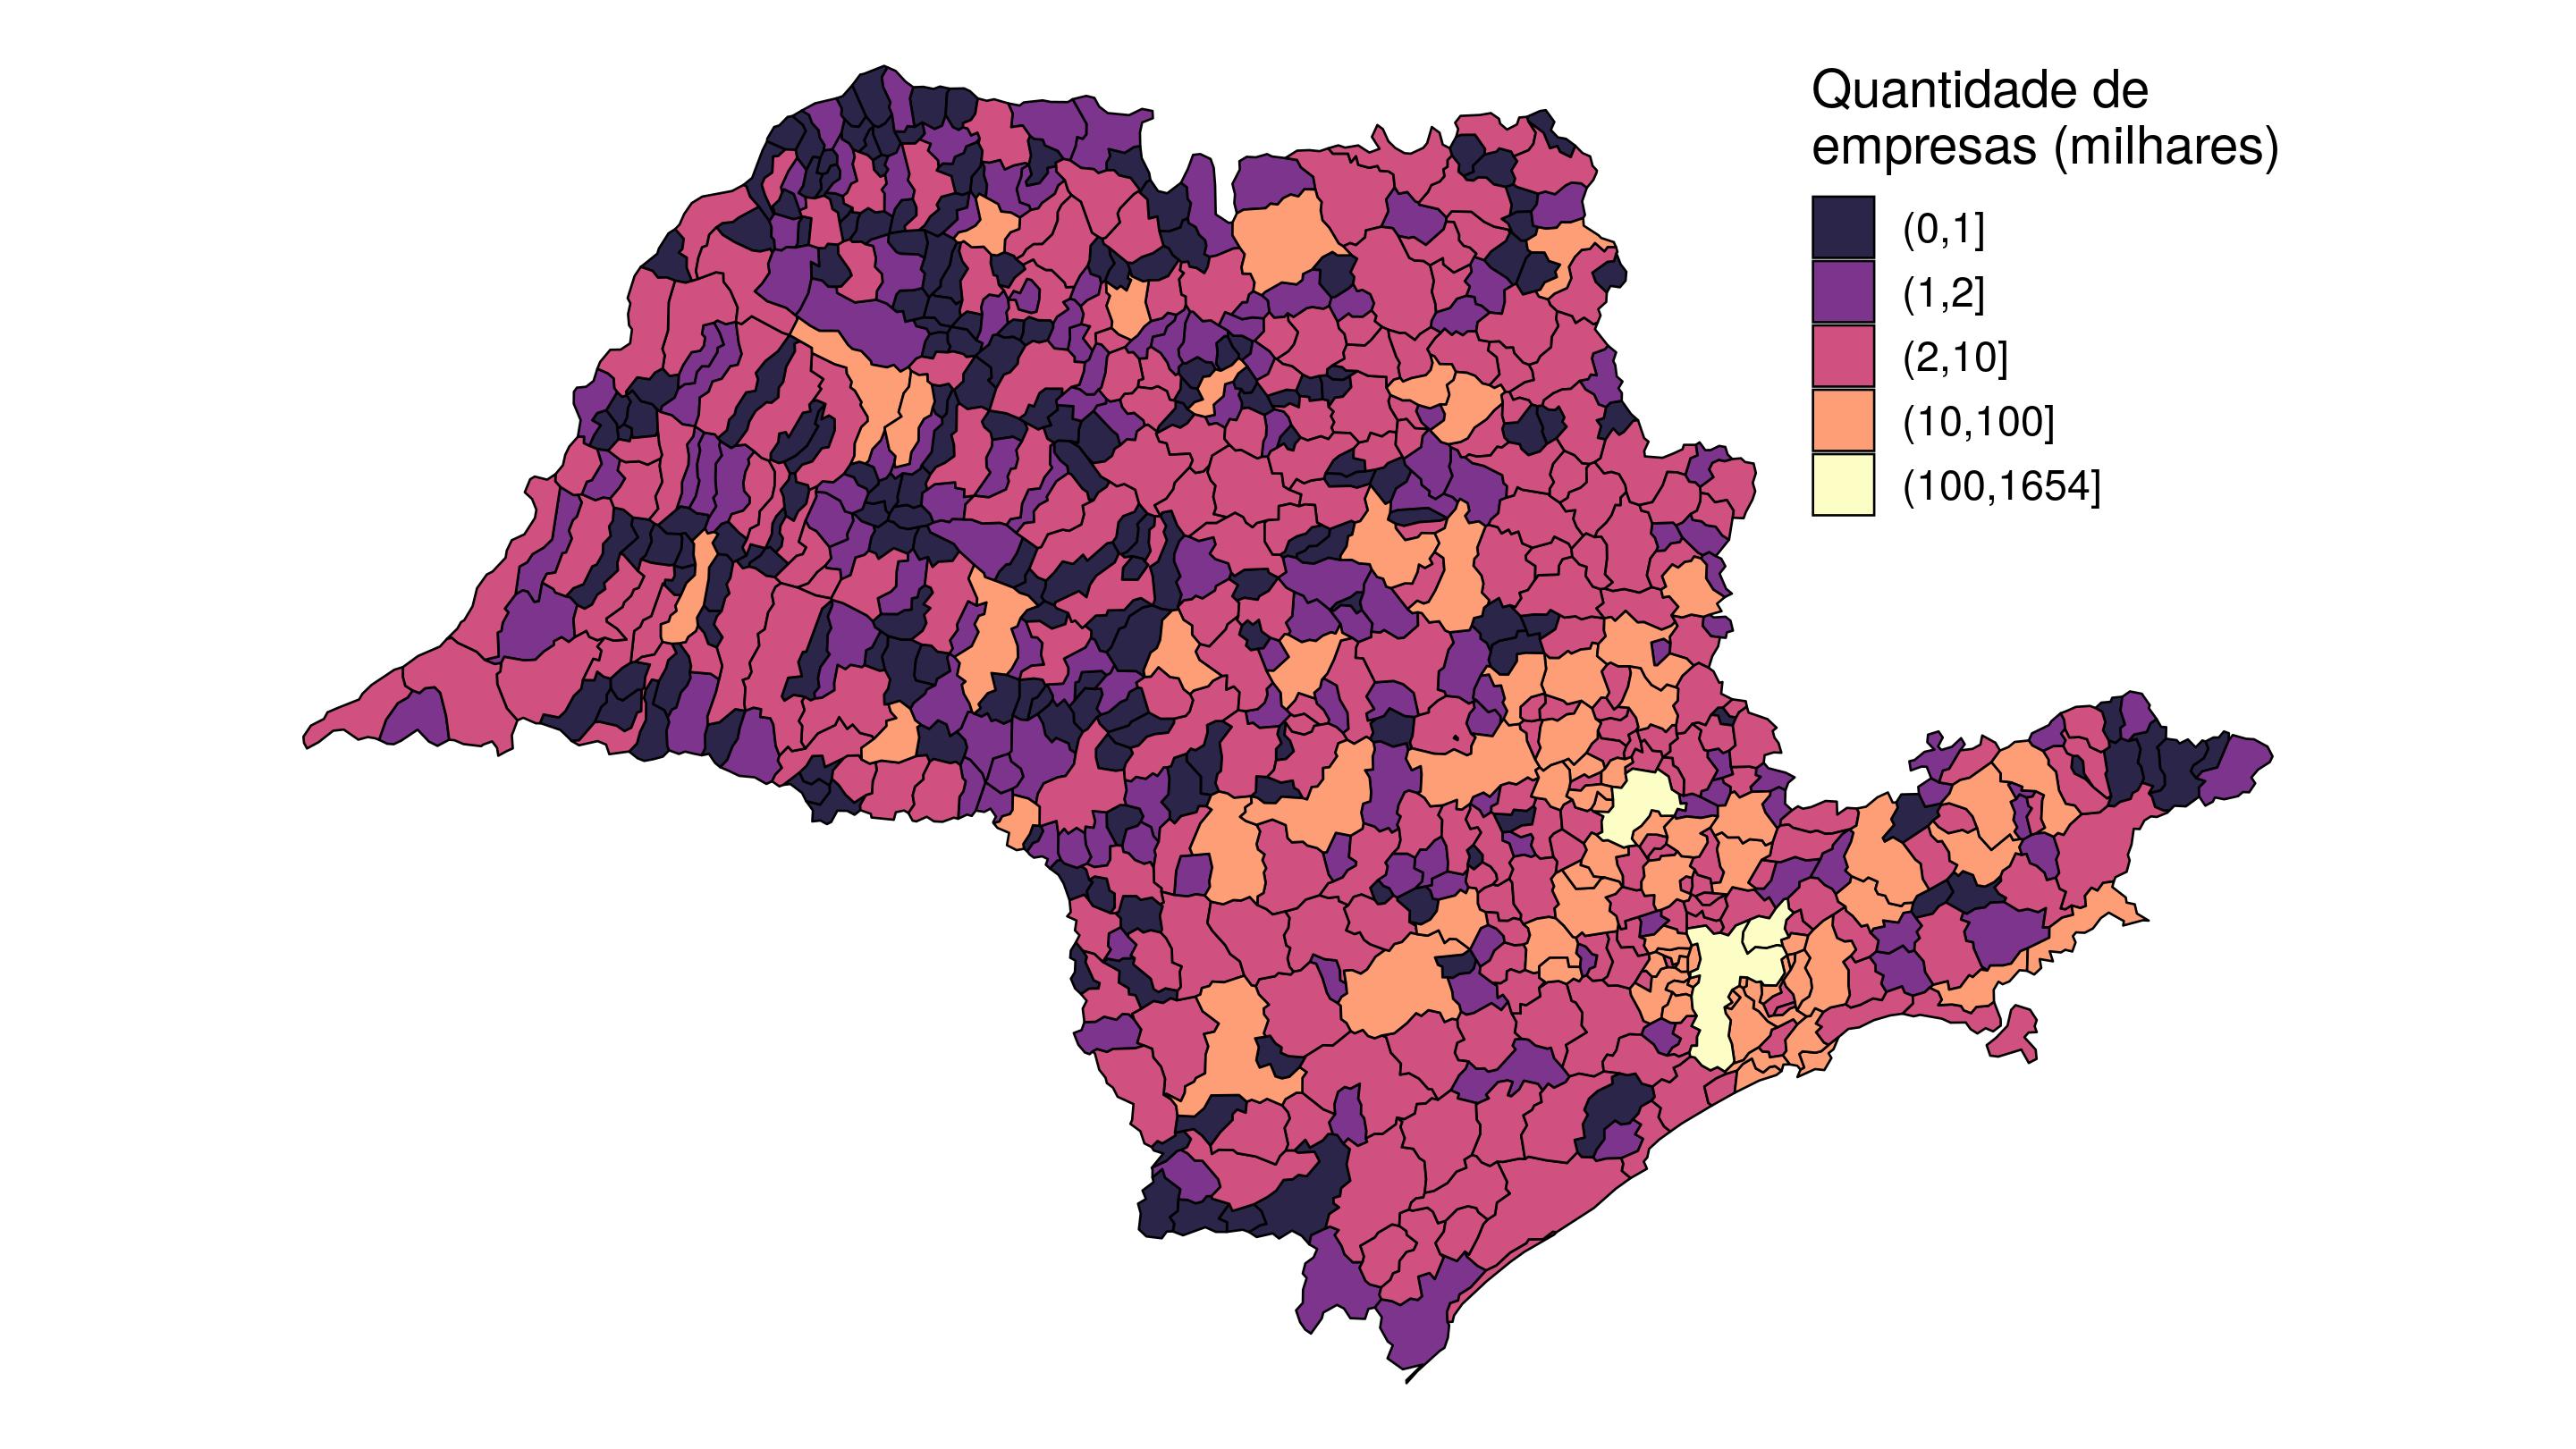 Mapa dos municípios de origem.